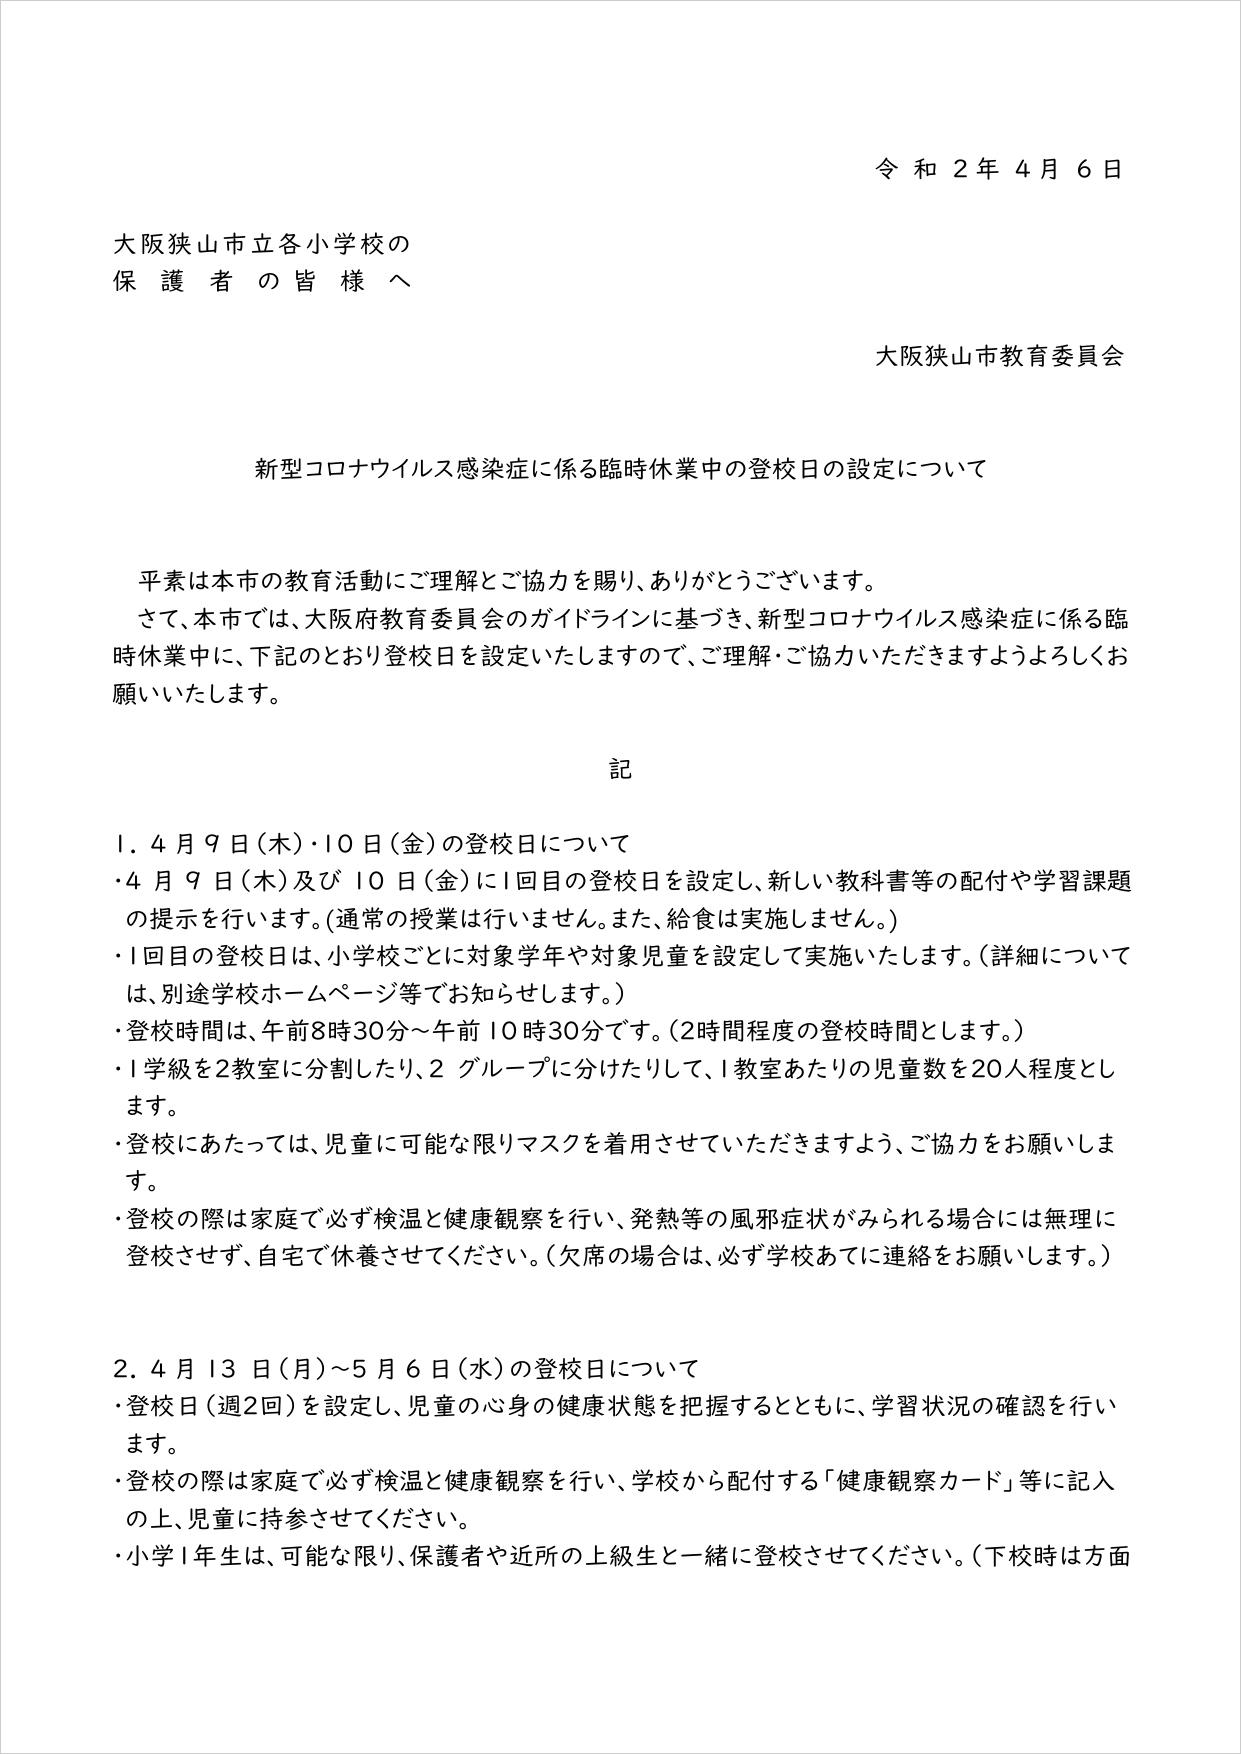 【2020年4月6日付け】臨時休業中の登校日について小学校-(1)